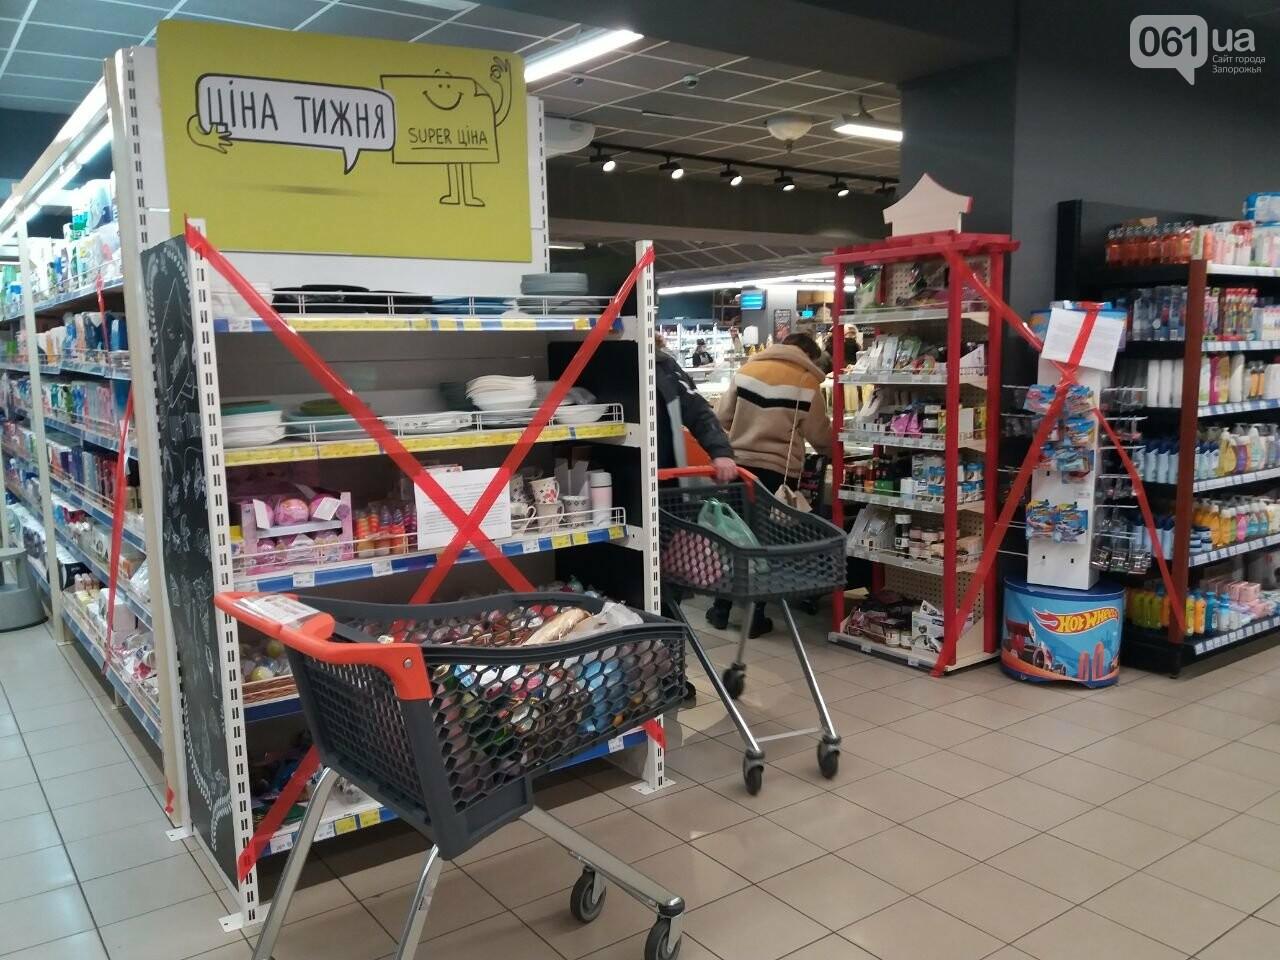 Защитные ленты на товарах, неработающие ТРЦ и полузакрытые рынки – фоторепортаж о первом дне локдауна в Запорожье, фото-22